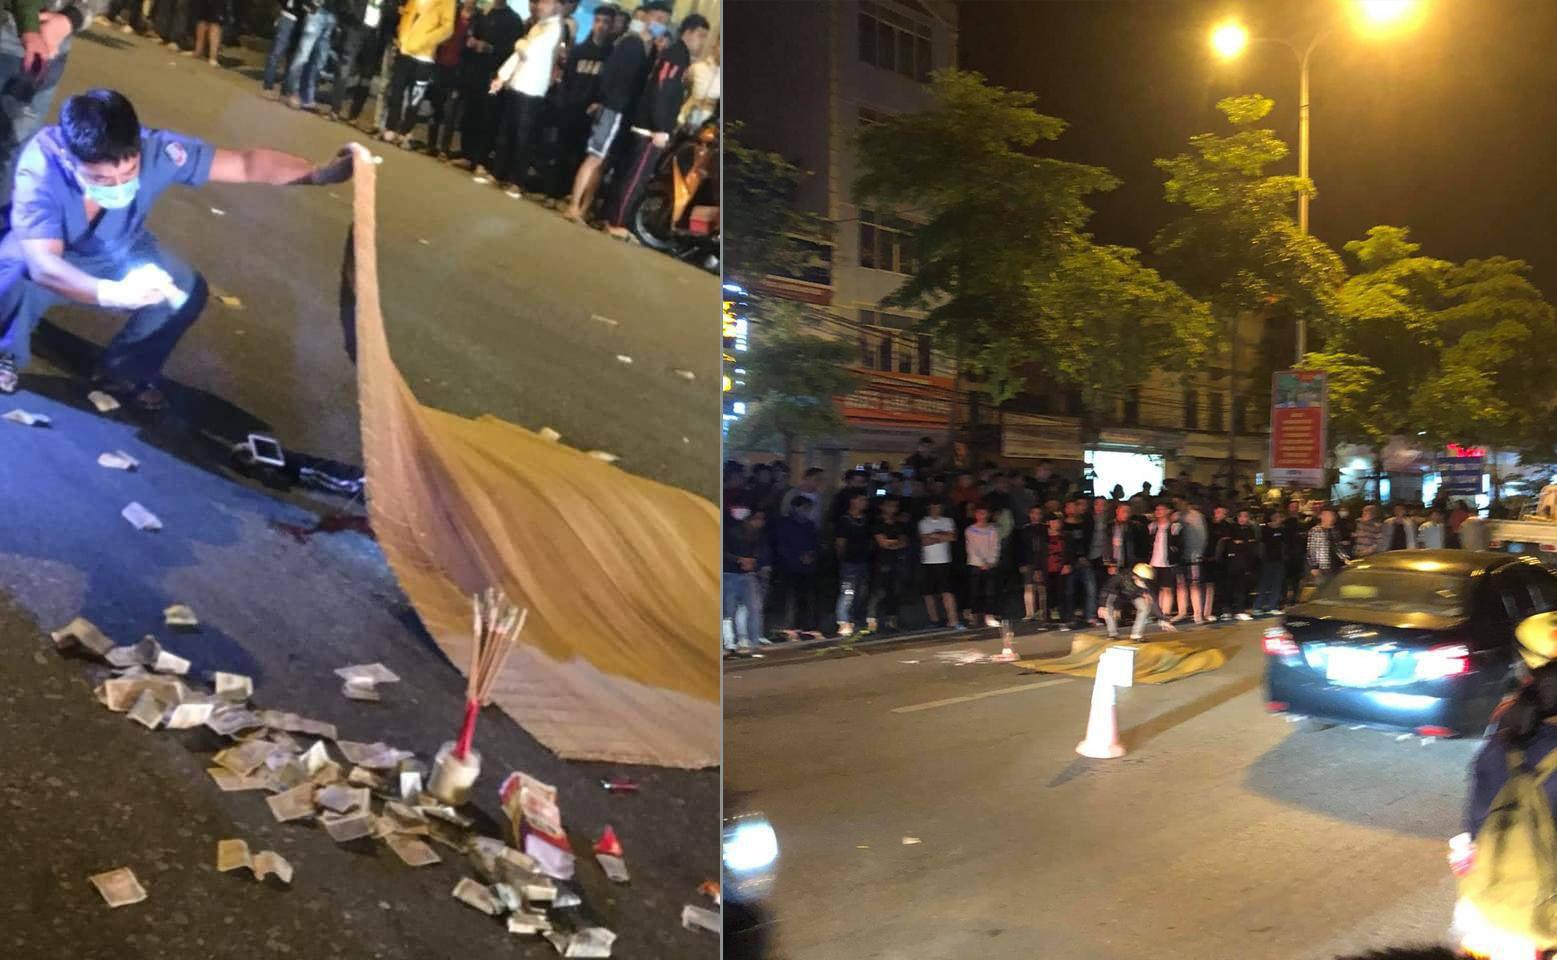 Hai thanh niên bốc đầu xe máy, 1 người ngã ra đường bị ô tô cán chết - Ảnh 1.